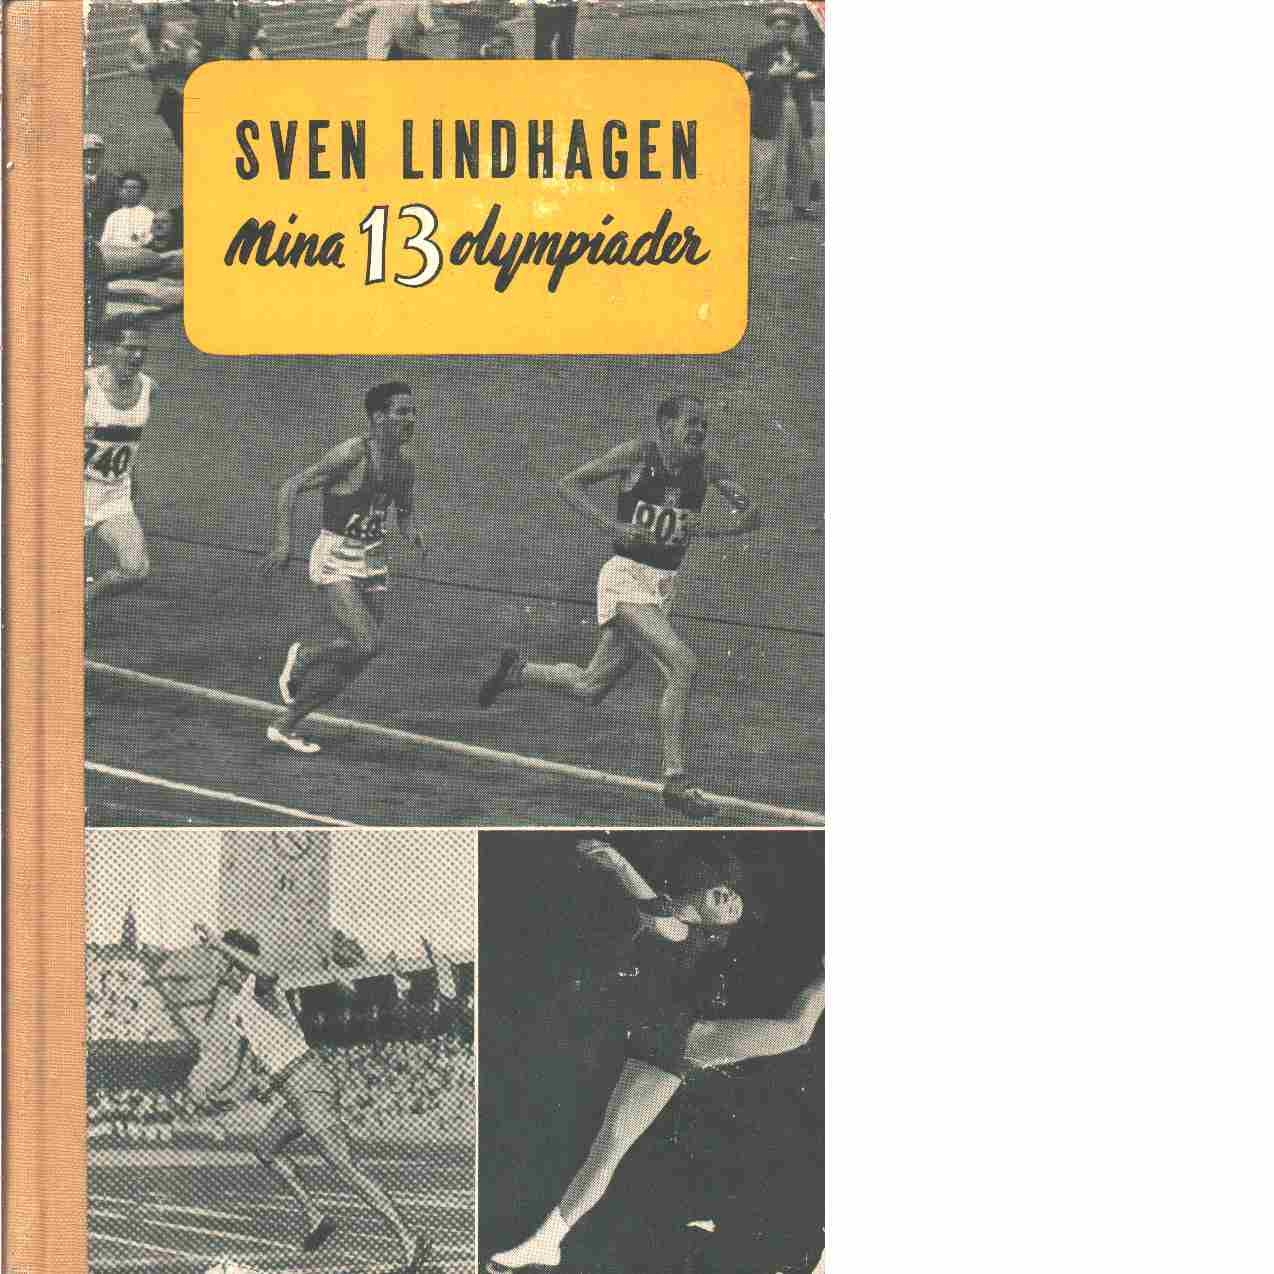 Mina 13 olympiader - Lindhagen, Sven